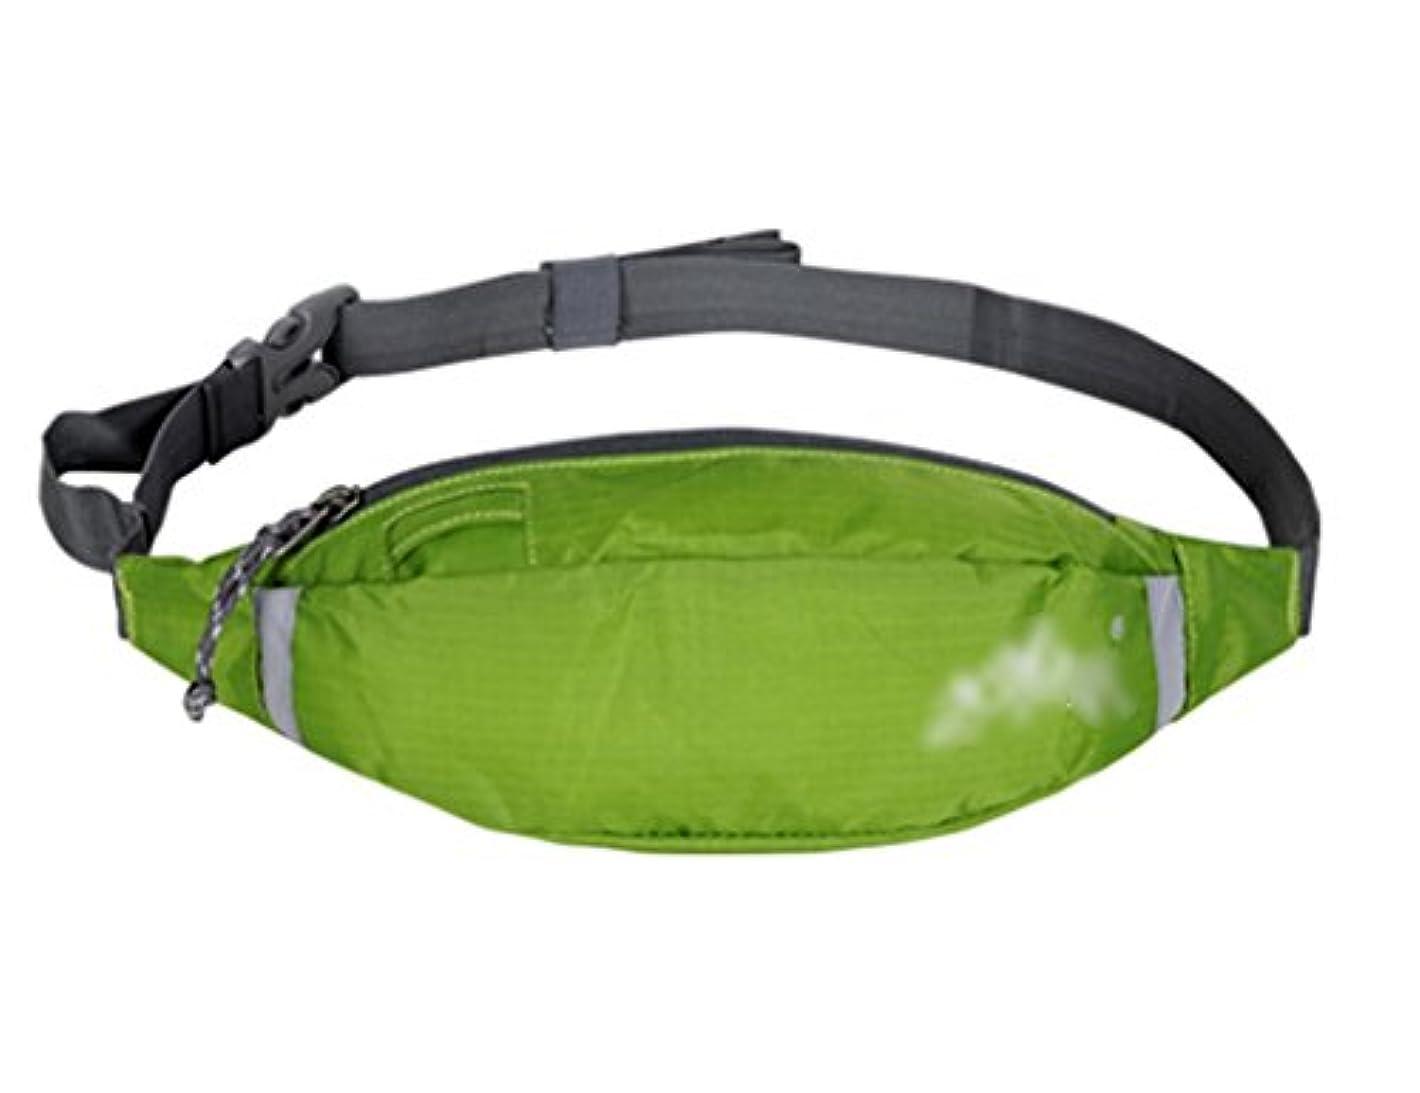 ピジン徹底的に雑品TH 多機能スモールポケットアウトドア閉じる電話バッグ軽量ランキャリーバッグアームバッグ運動ウエストバッグ フィットネスベルト ( 色 : 緑 )